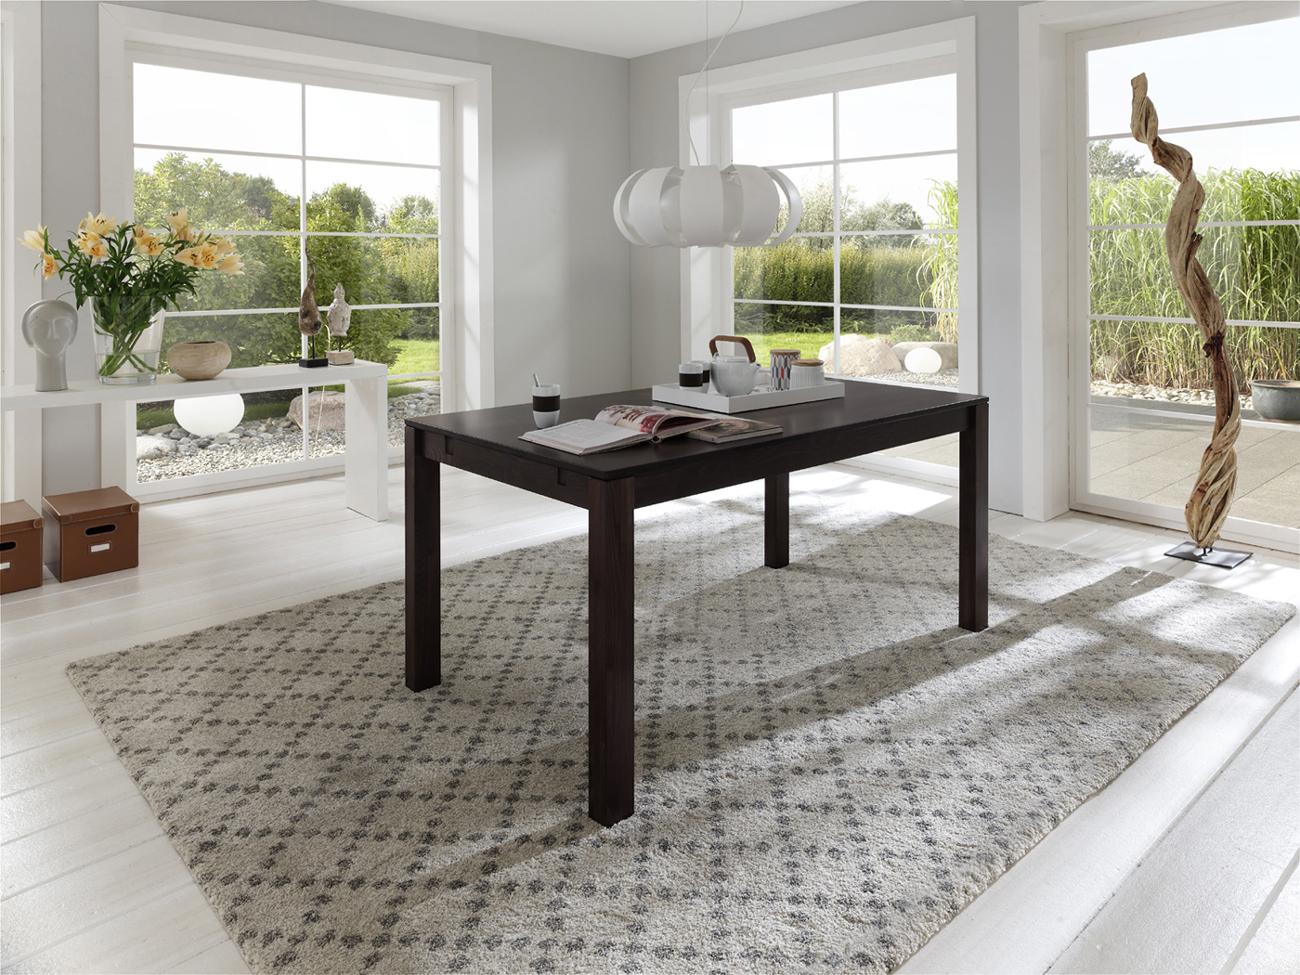 sam esszimmertisch wenge 180 x 90 cm massiv wilma. Black Bedroom Furniture Sets. Home Design Ideas